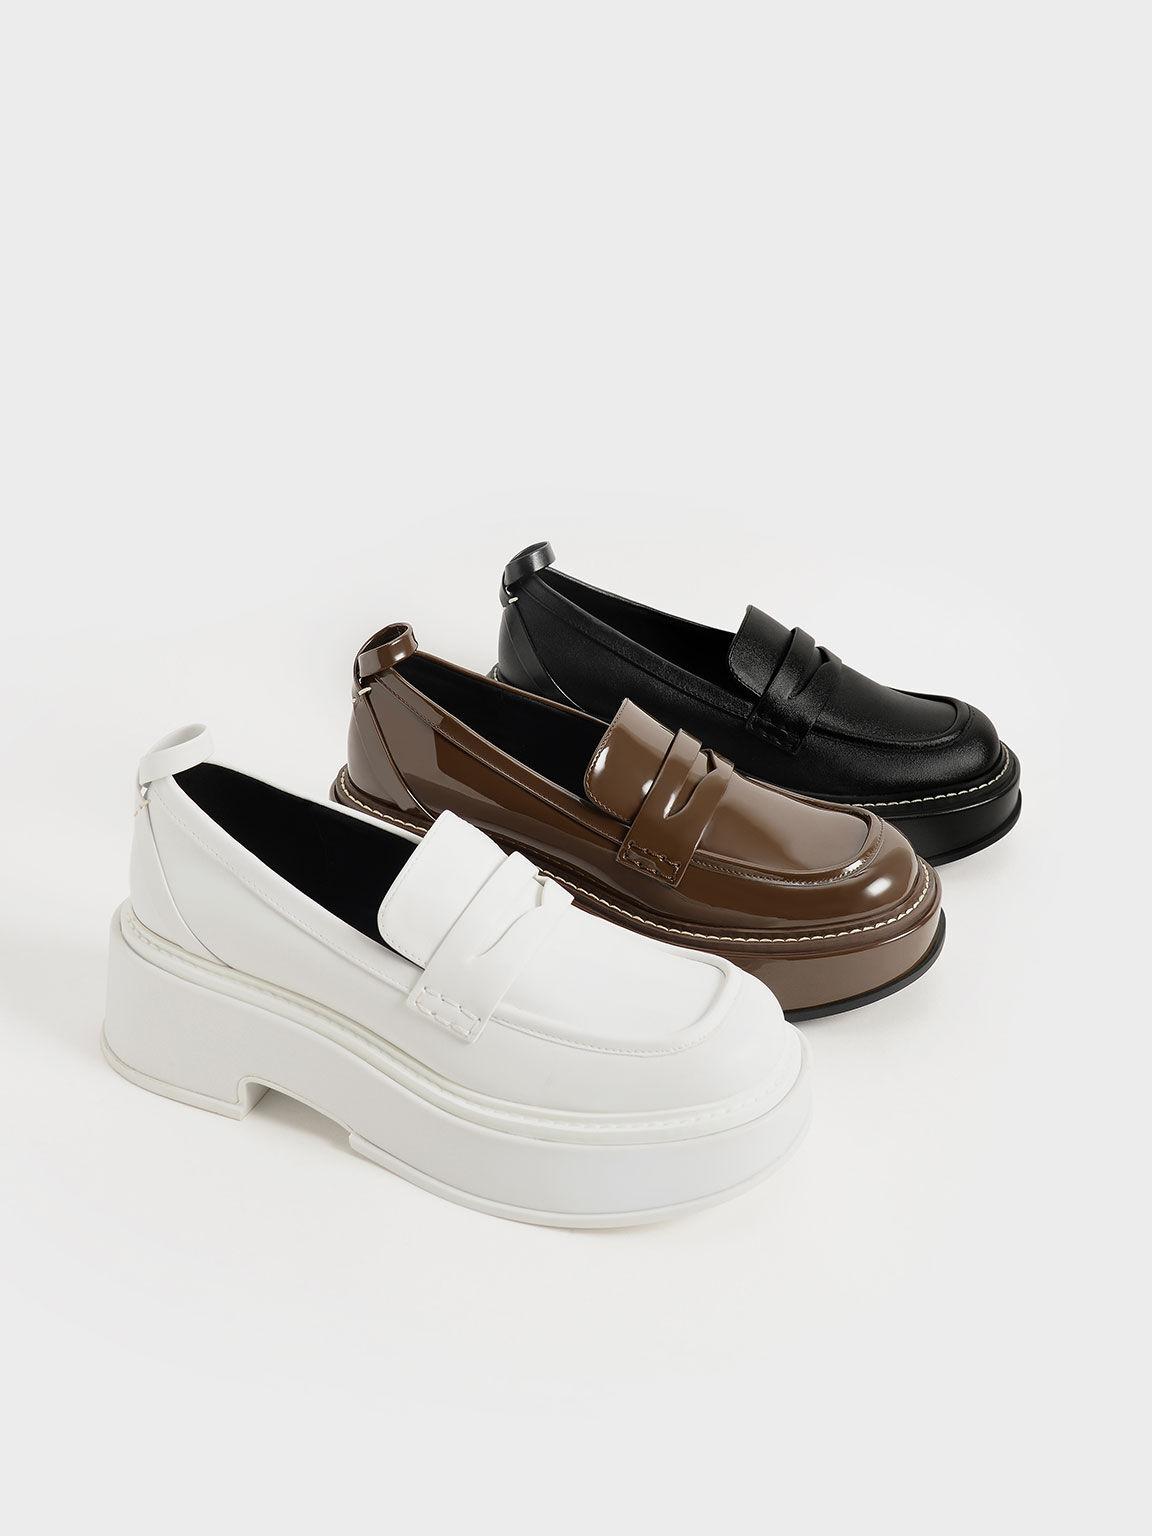 Frankie 厚底樂福鞋, 黑色, hi-res